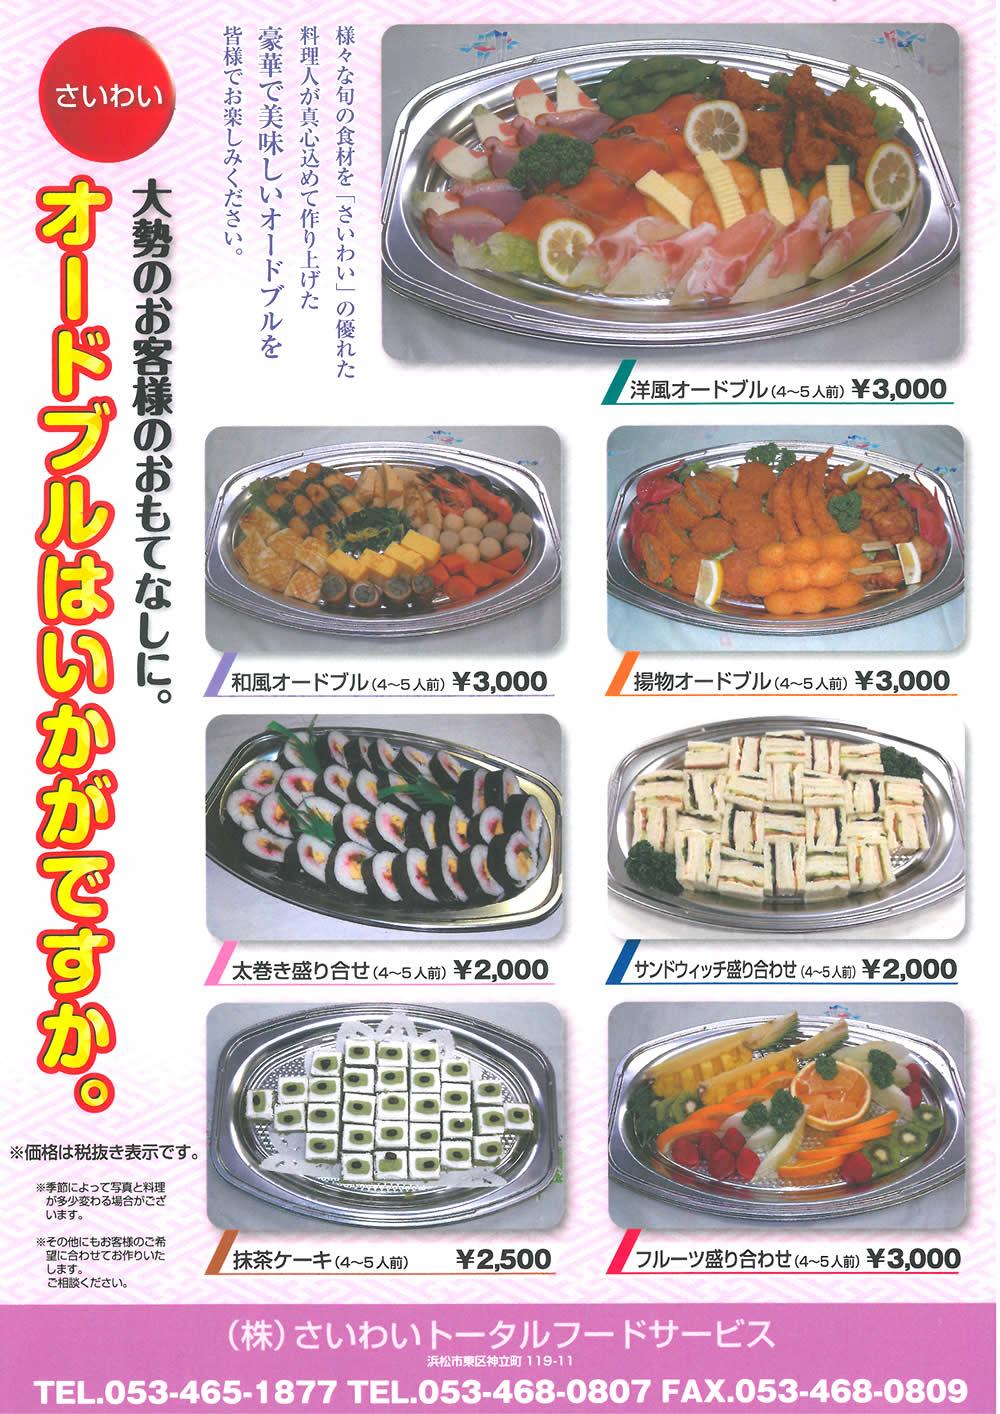 浜松祭り オードブル 初子 接待 料理